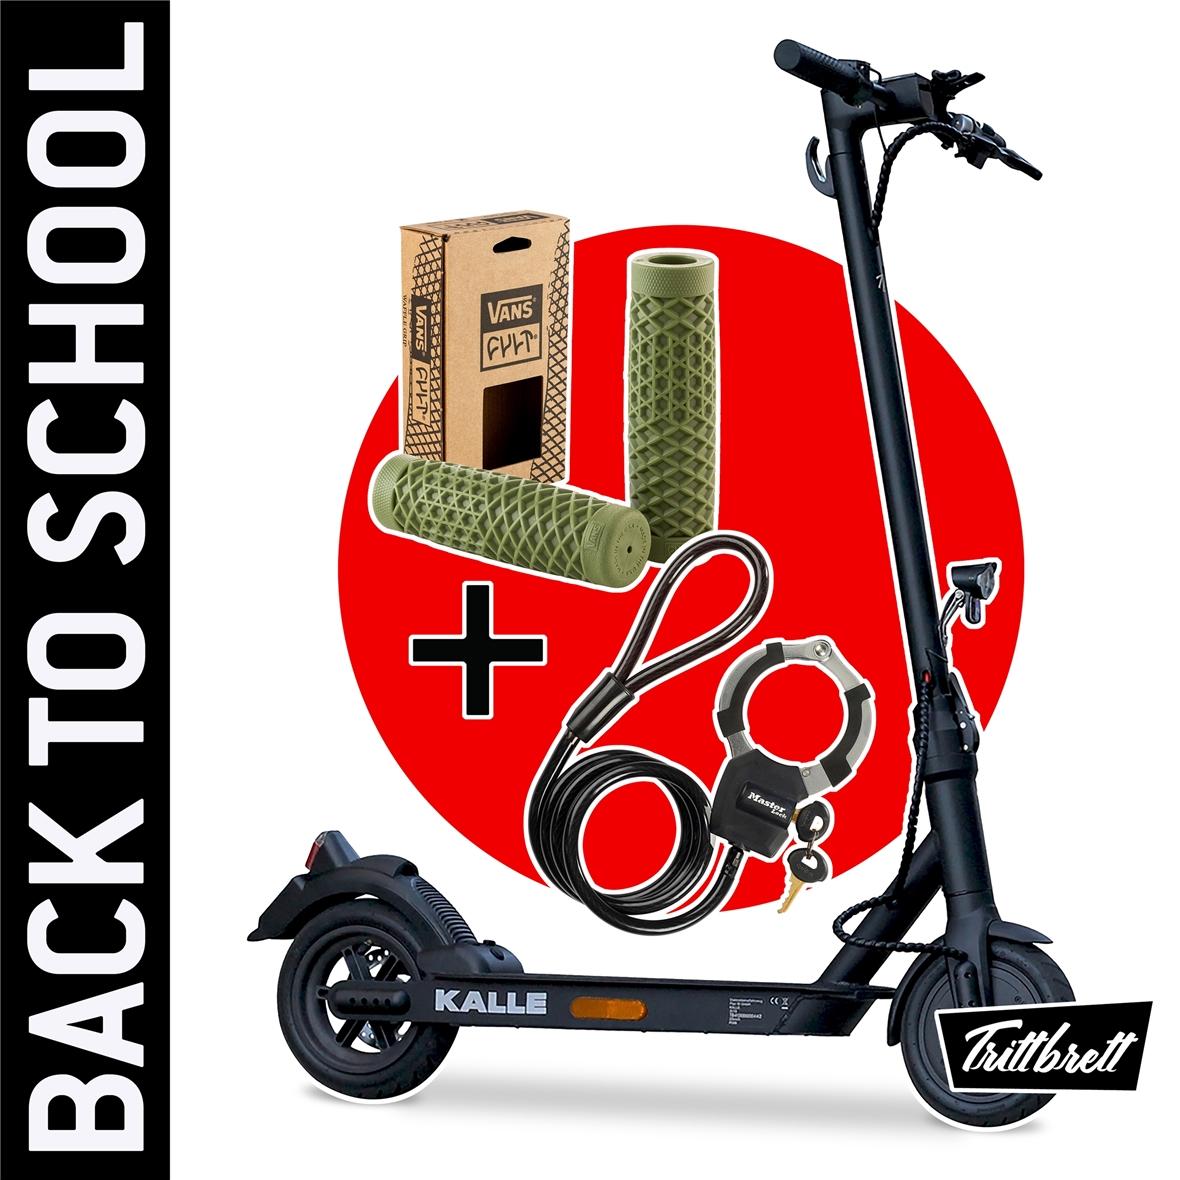 """Immagine del prodotto per 'E-Scooter """"BACK TO SCHOOL"""" Bundle TRITTBRETT Kalle con maniglie VANS (oliva) e Masterlock Streetcuff'"""